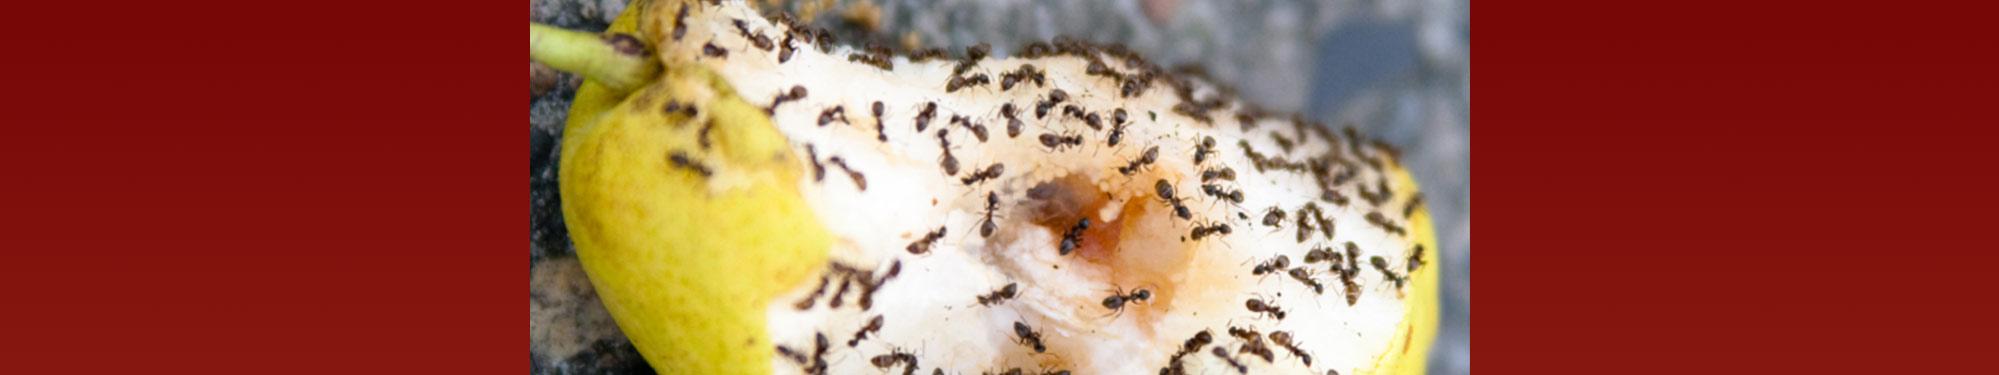 Myrer - vi bekæmper myrer effektivt